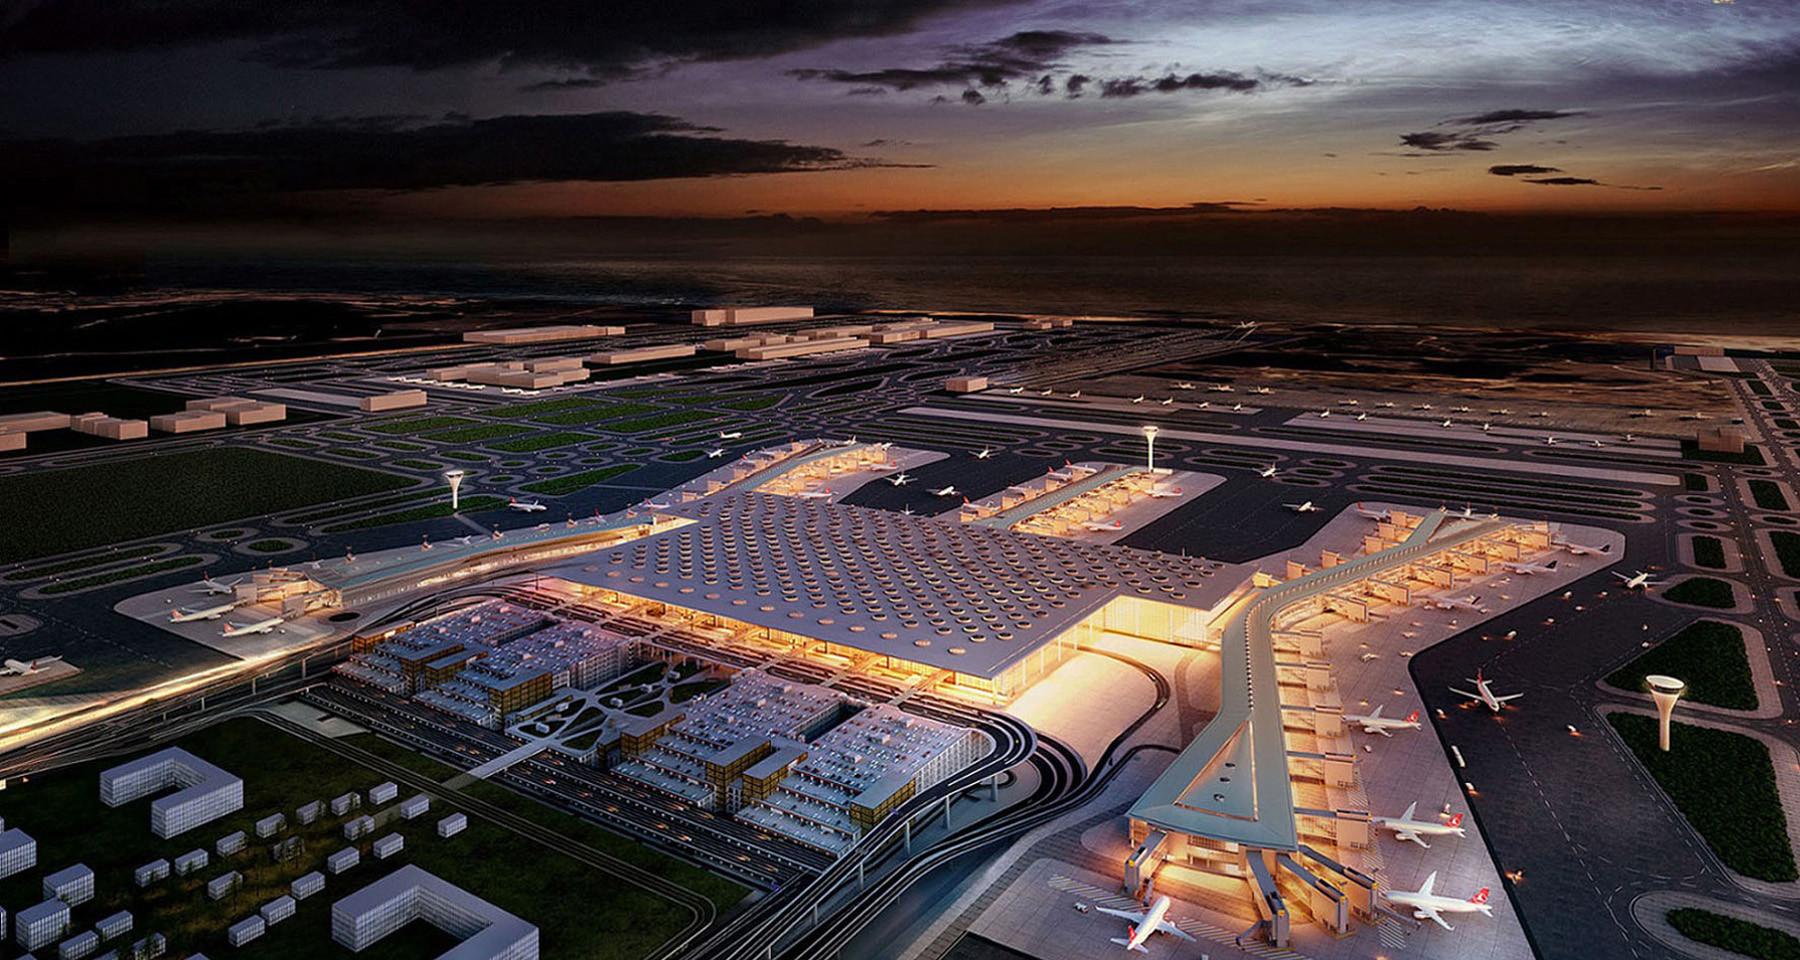 Şok iddia: ''3. havalimanı inşaatında ölen 400 işçi kamuoyundan gizlendi''